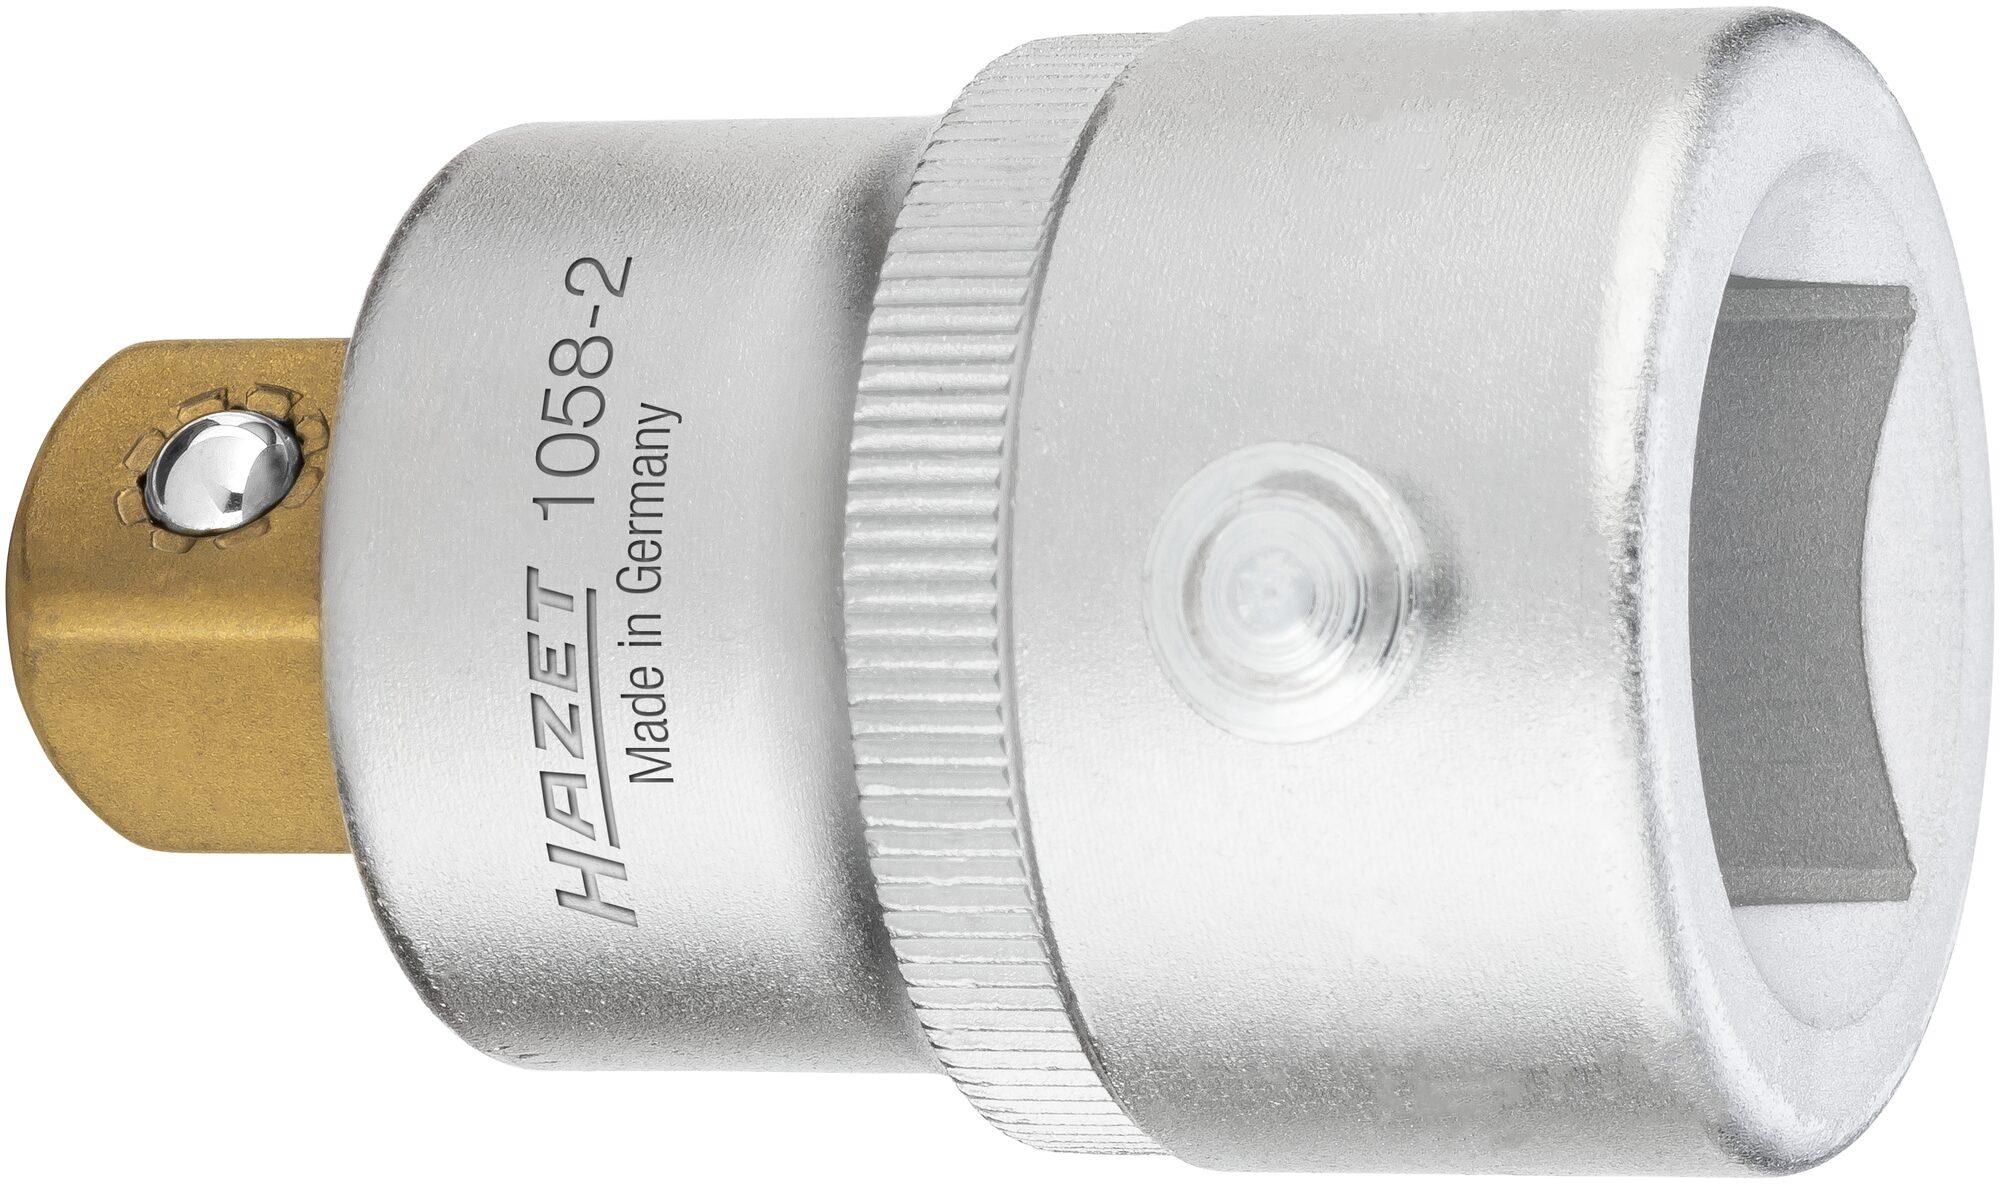 HAZET Reduzierstück 1058-2 ∙ Vierkant hohl 20 mm (3/4 Zoll) ∙ Vierkant massiv 12,5 mm (1/2 Zoll)